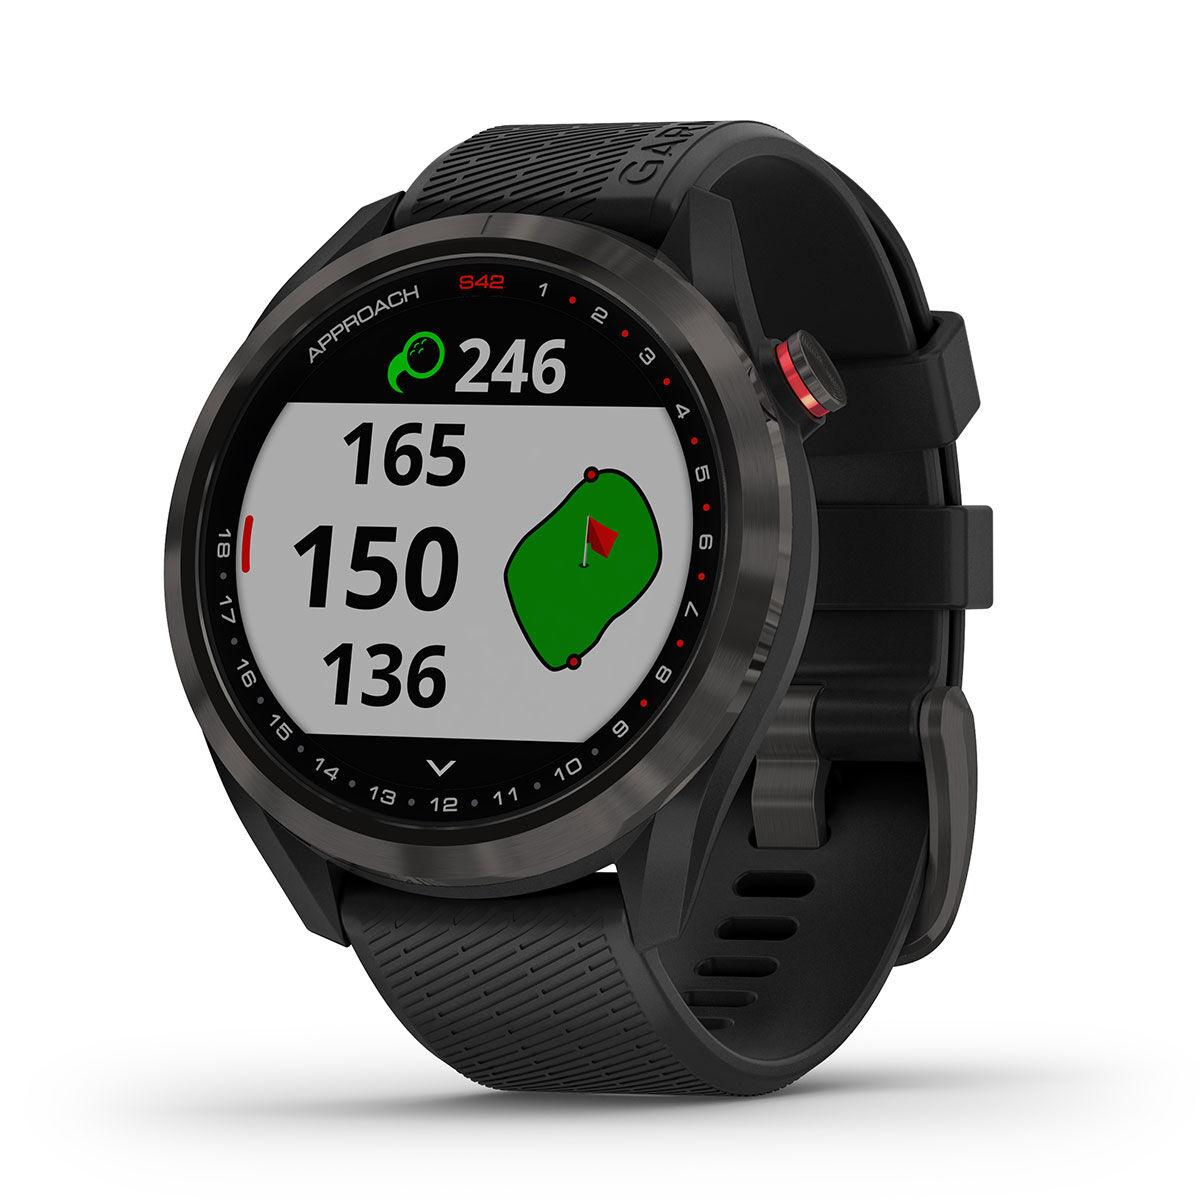 Garmin Approach S42 Golf GPS Watch, Male, Carbon grey/black   American Golf